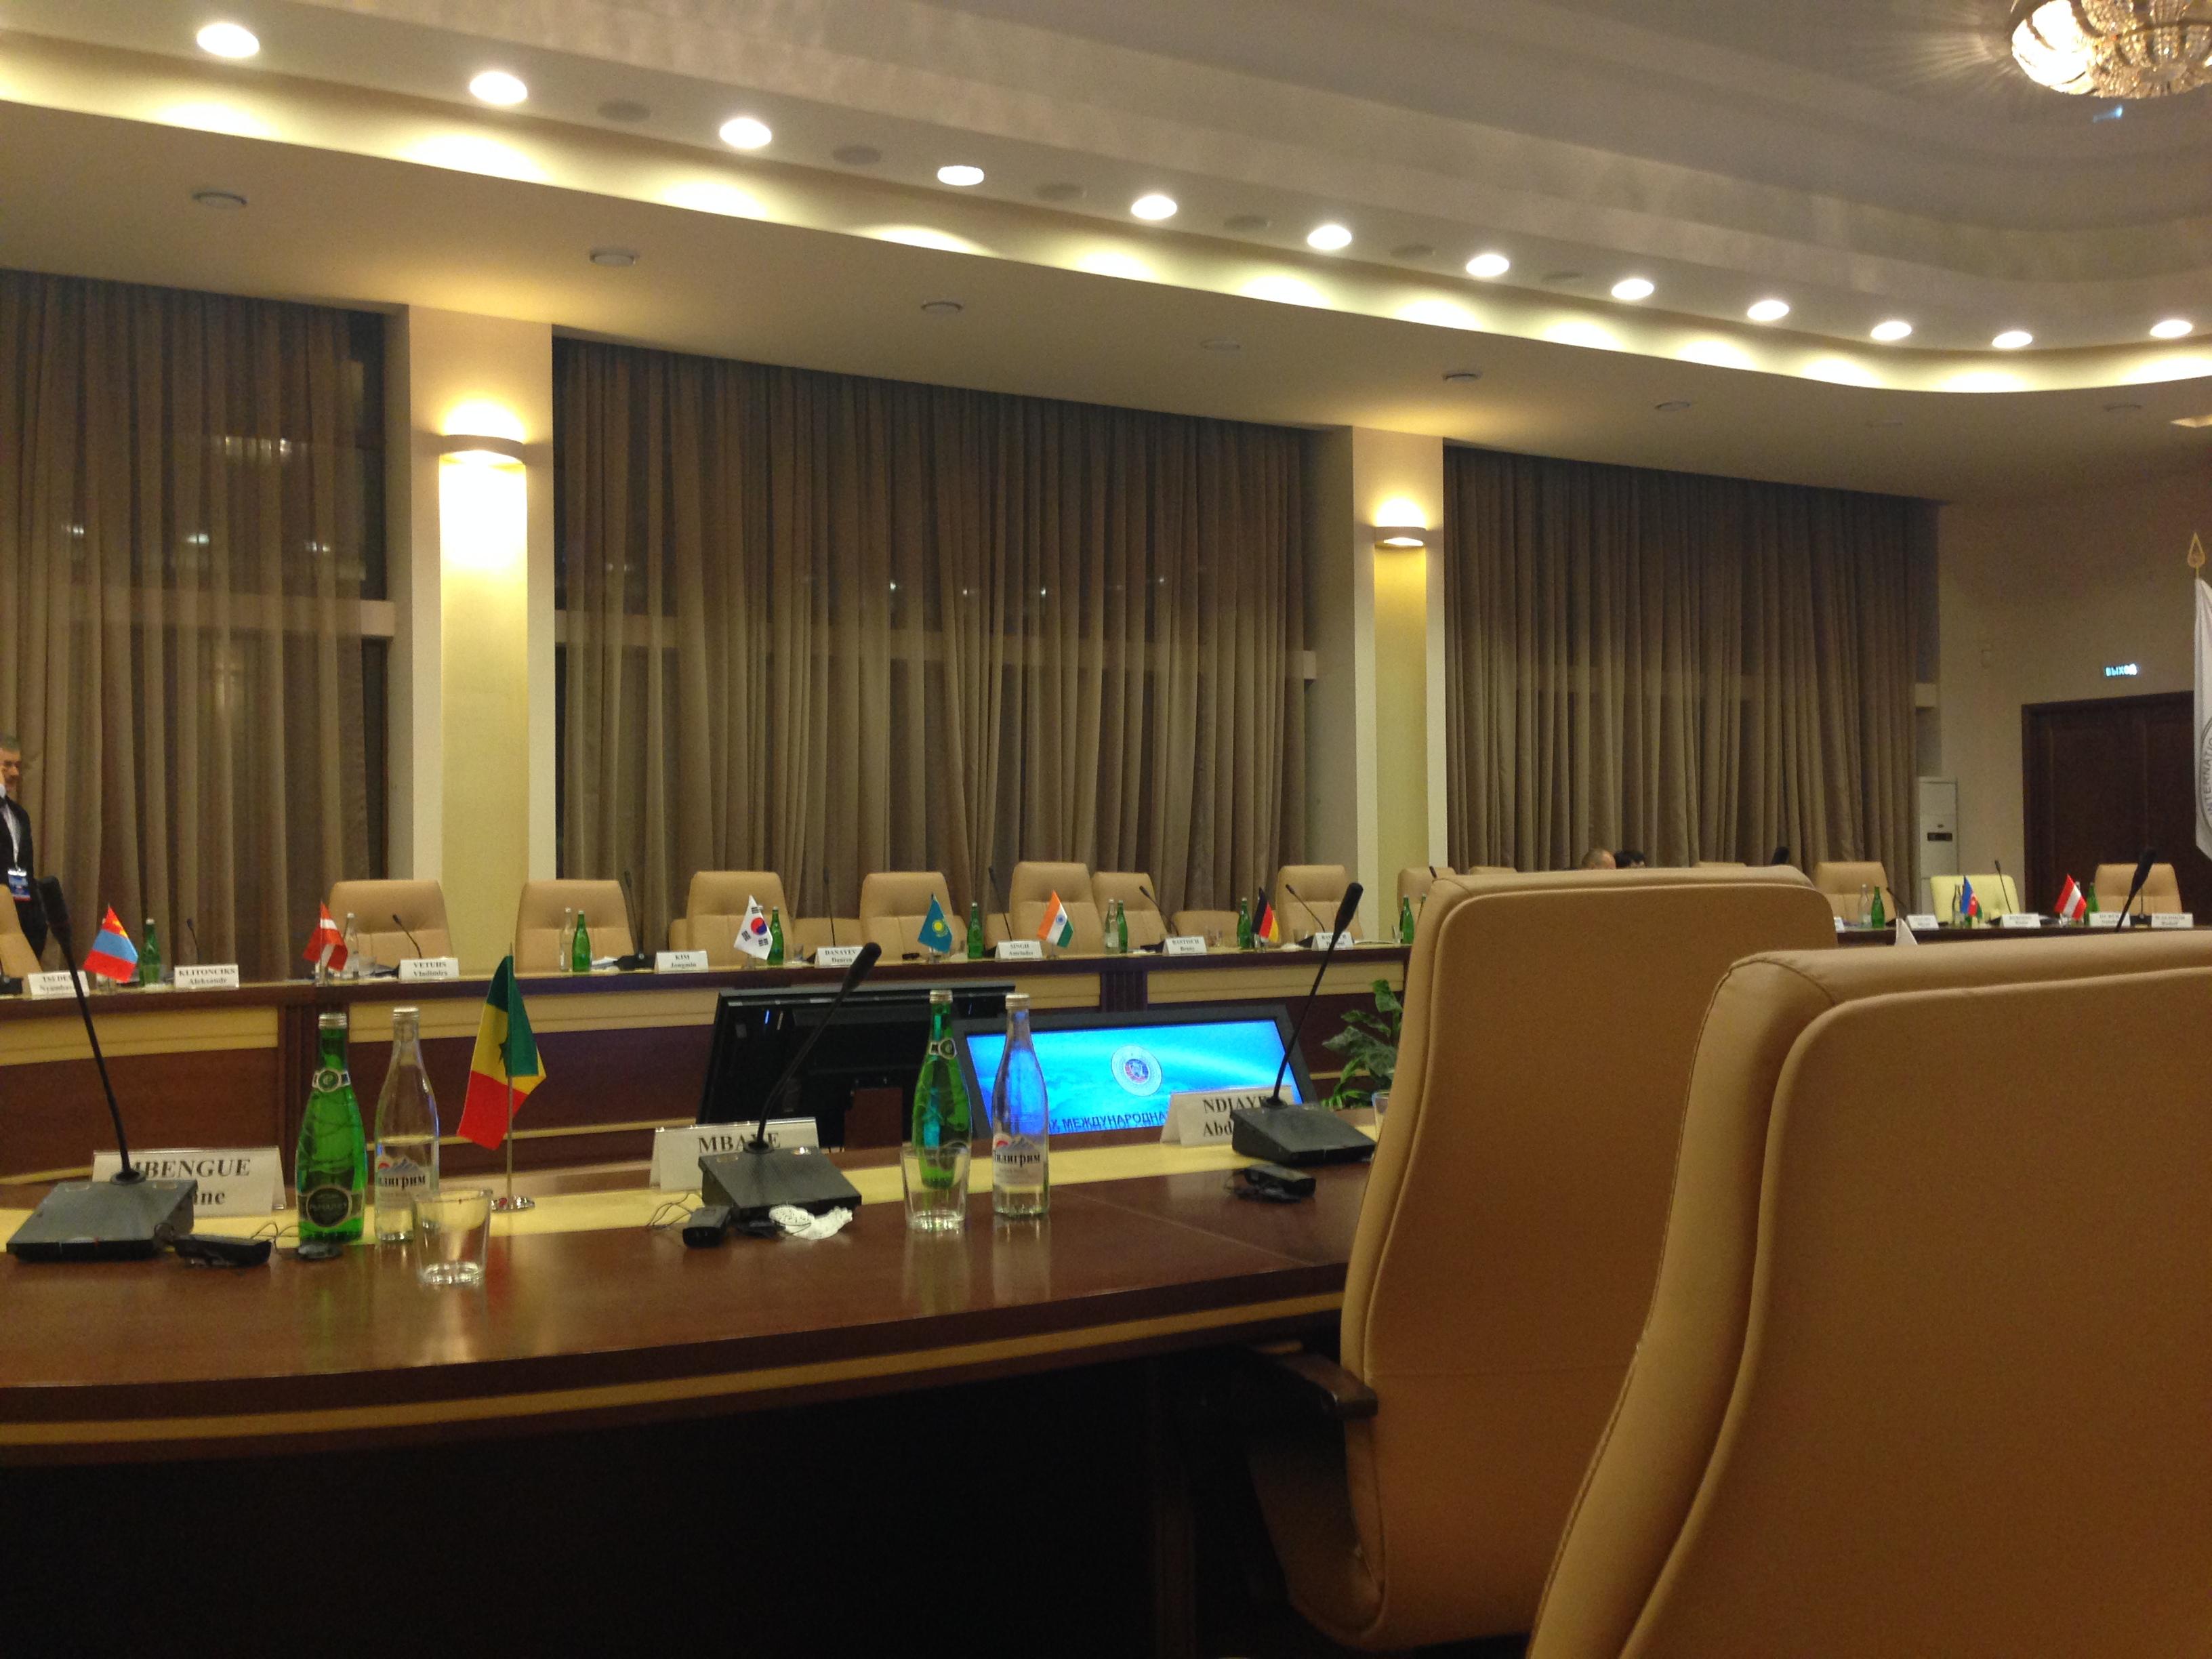 Синхронный и последовательный перевод на международных конференциях и переговорах